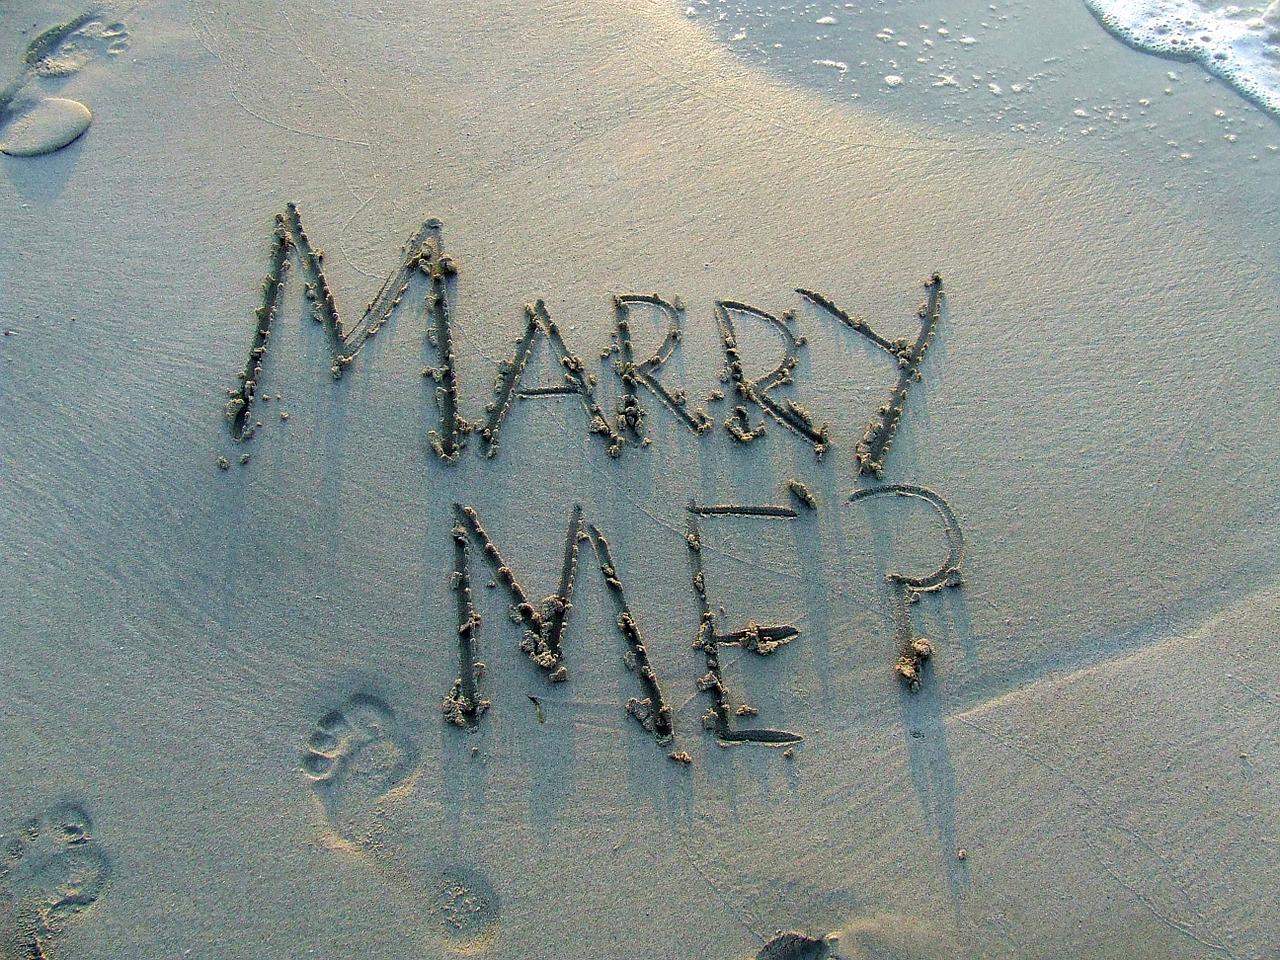 嫁にいこうプロジェクト#04:なぜ私は嫁にいきたいのにいけないのか…スタートラインに立ってない問題③前編